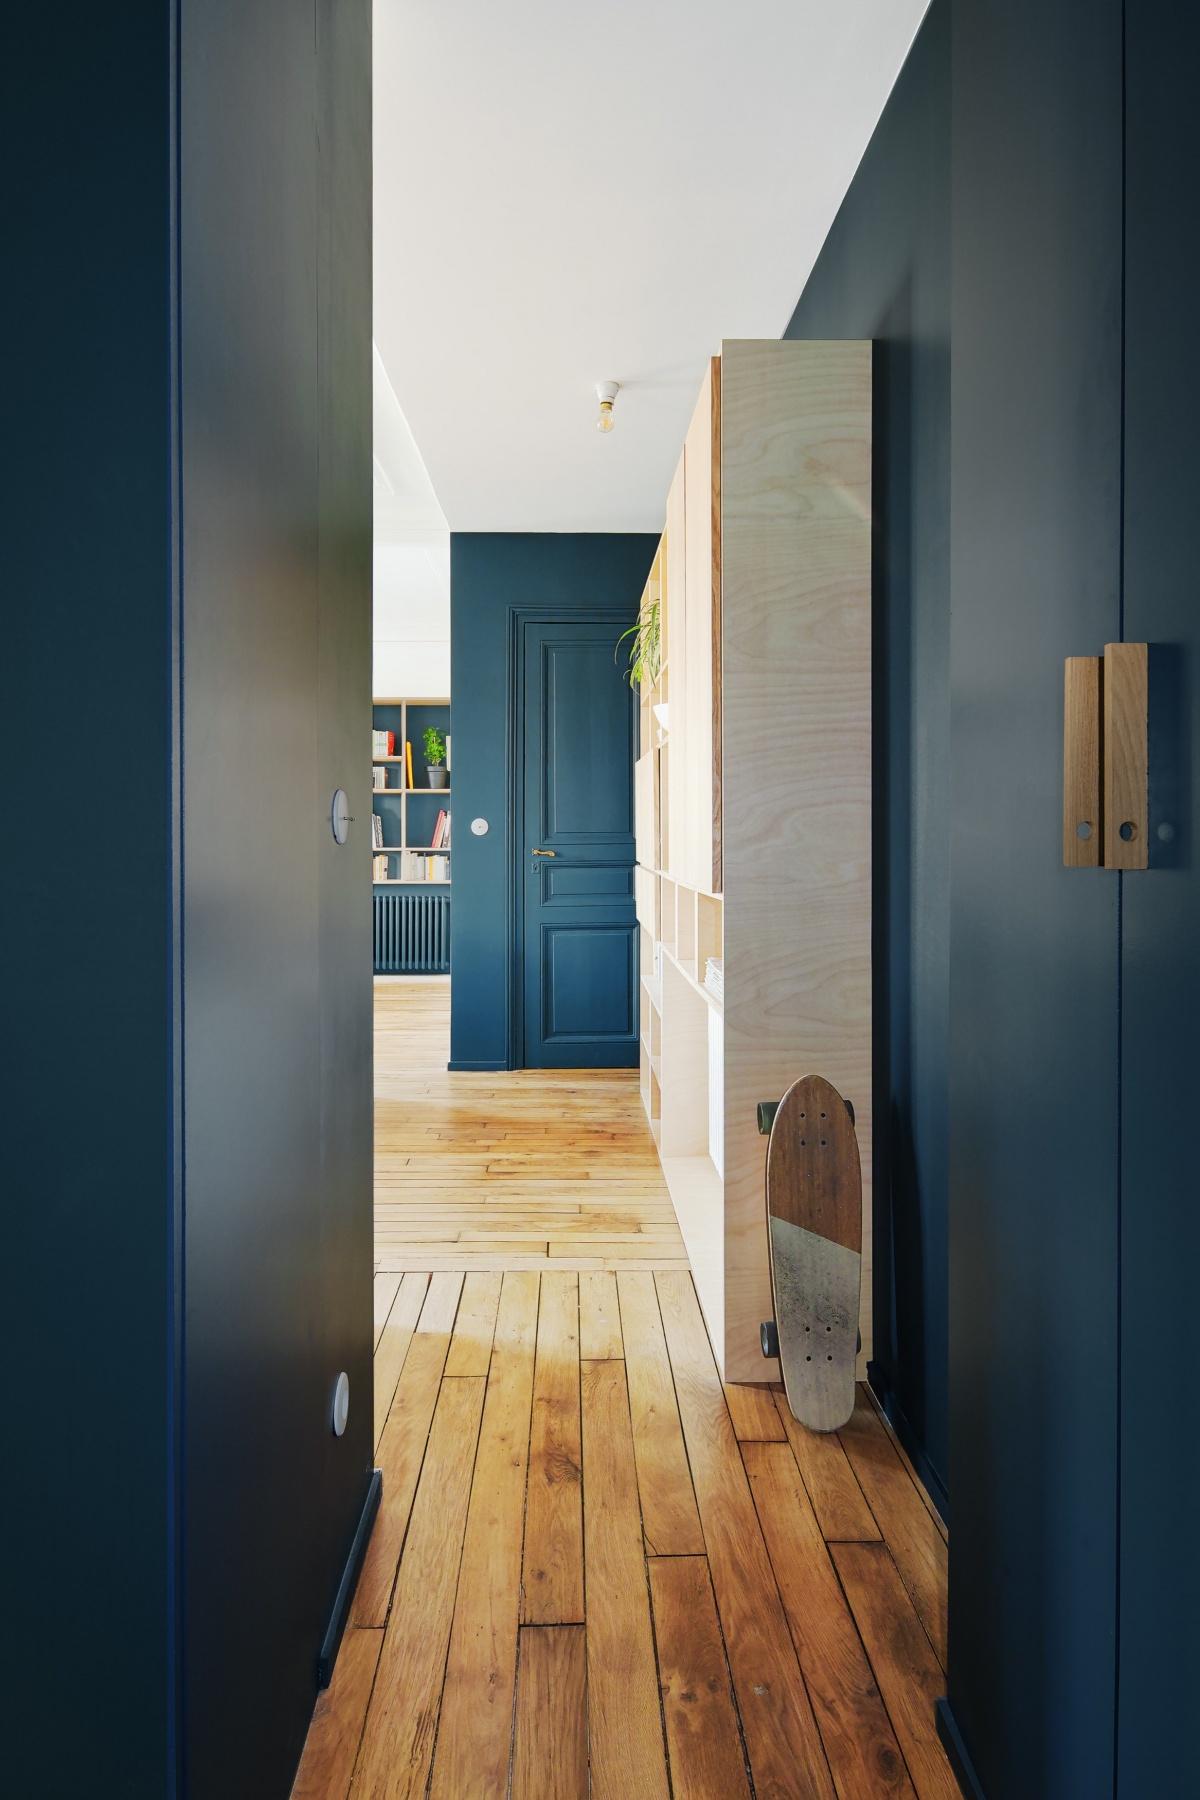 Restructuration et rénovation d'un appartement : 5 rue Hector Malot v2-2186 2